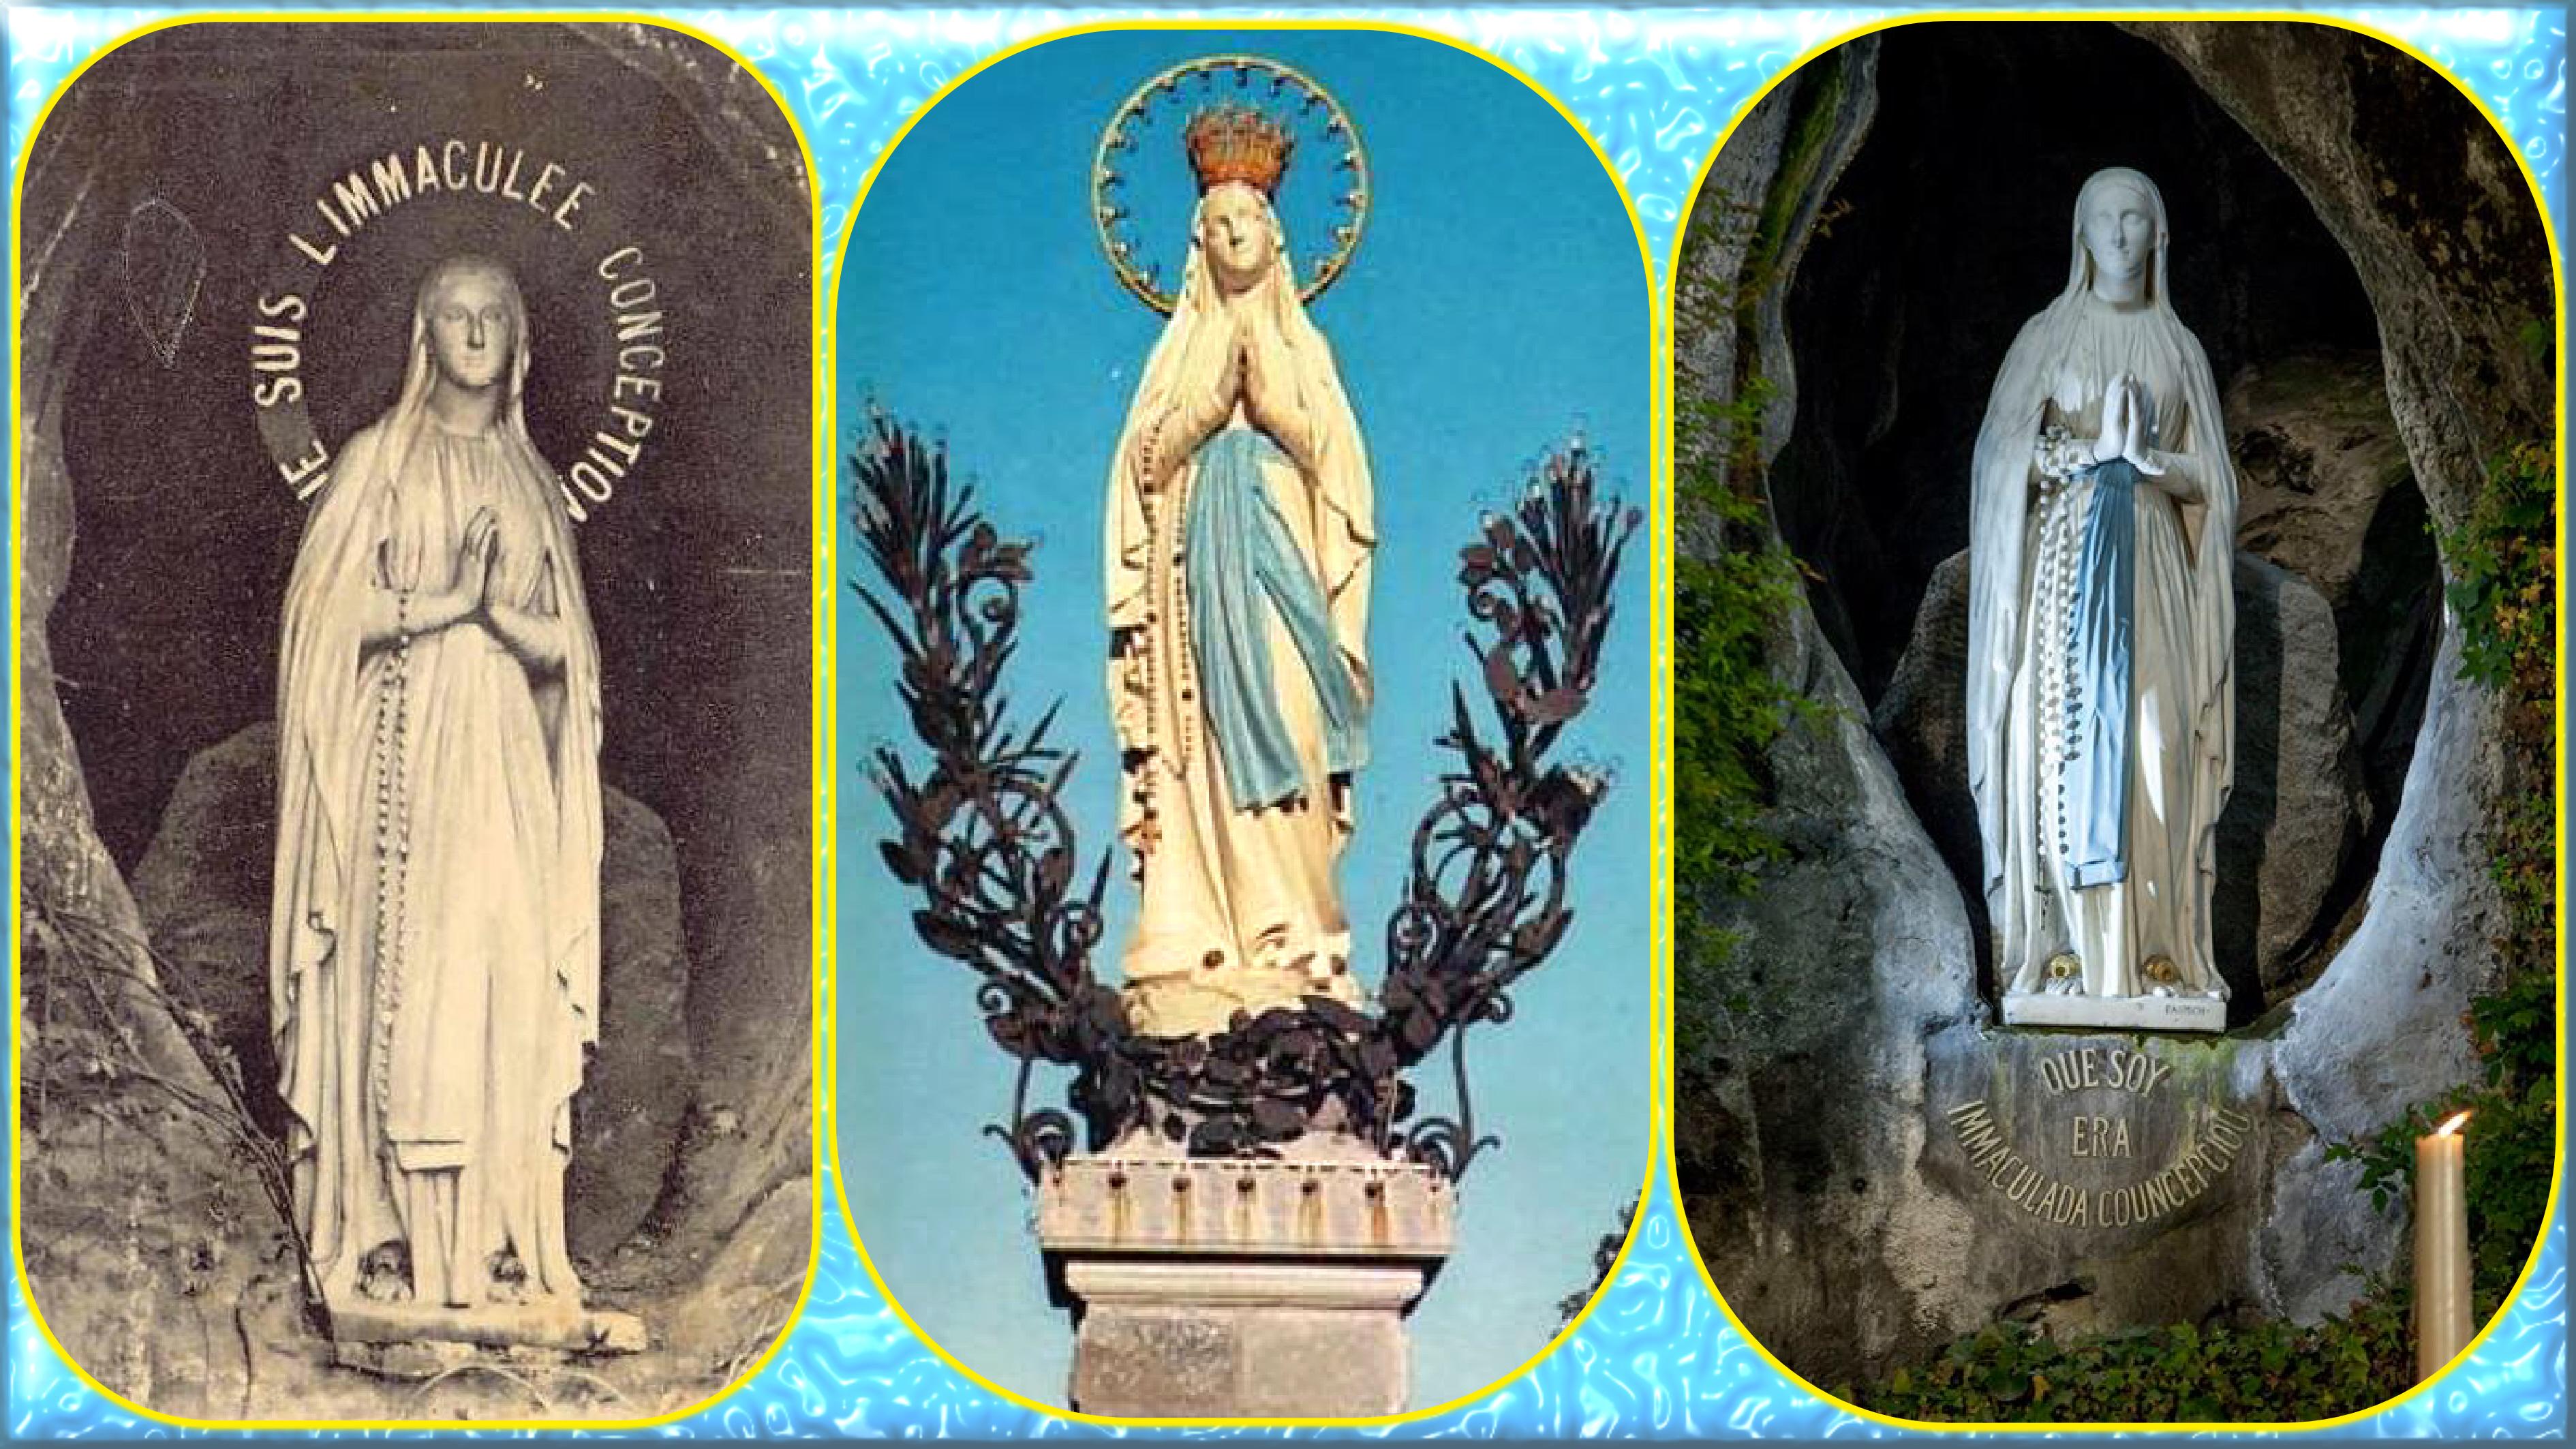 CALENDRIER CATHOLIQUE 2020 (Cantiques, Prières & Images) - Page 5 Notre-dame-de-lou...uronn-e--55b5698